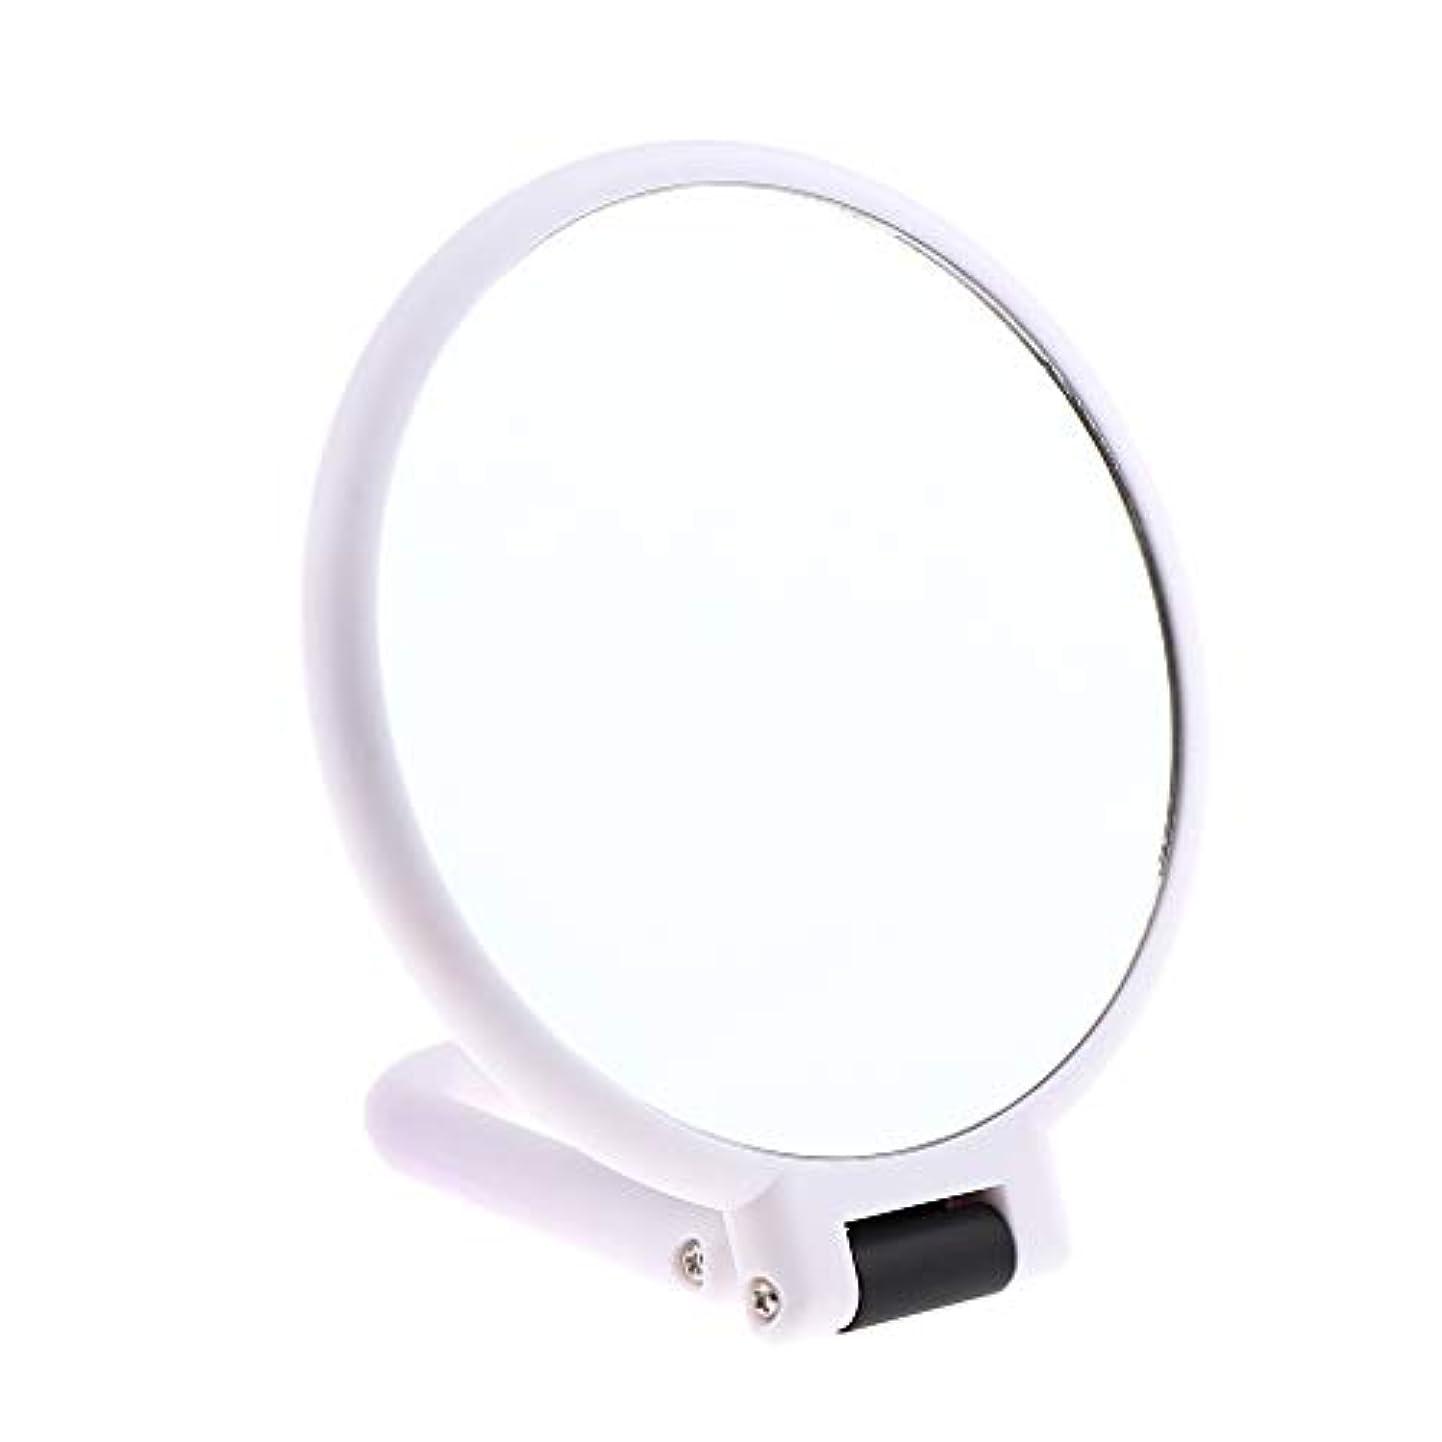 寛大さ受けるラダ両面化粧鏡 拡大鏡 ラウンド メイクアップミラー お化粧 ホワイト 5仕様選べ - 3倍